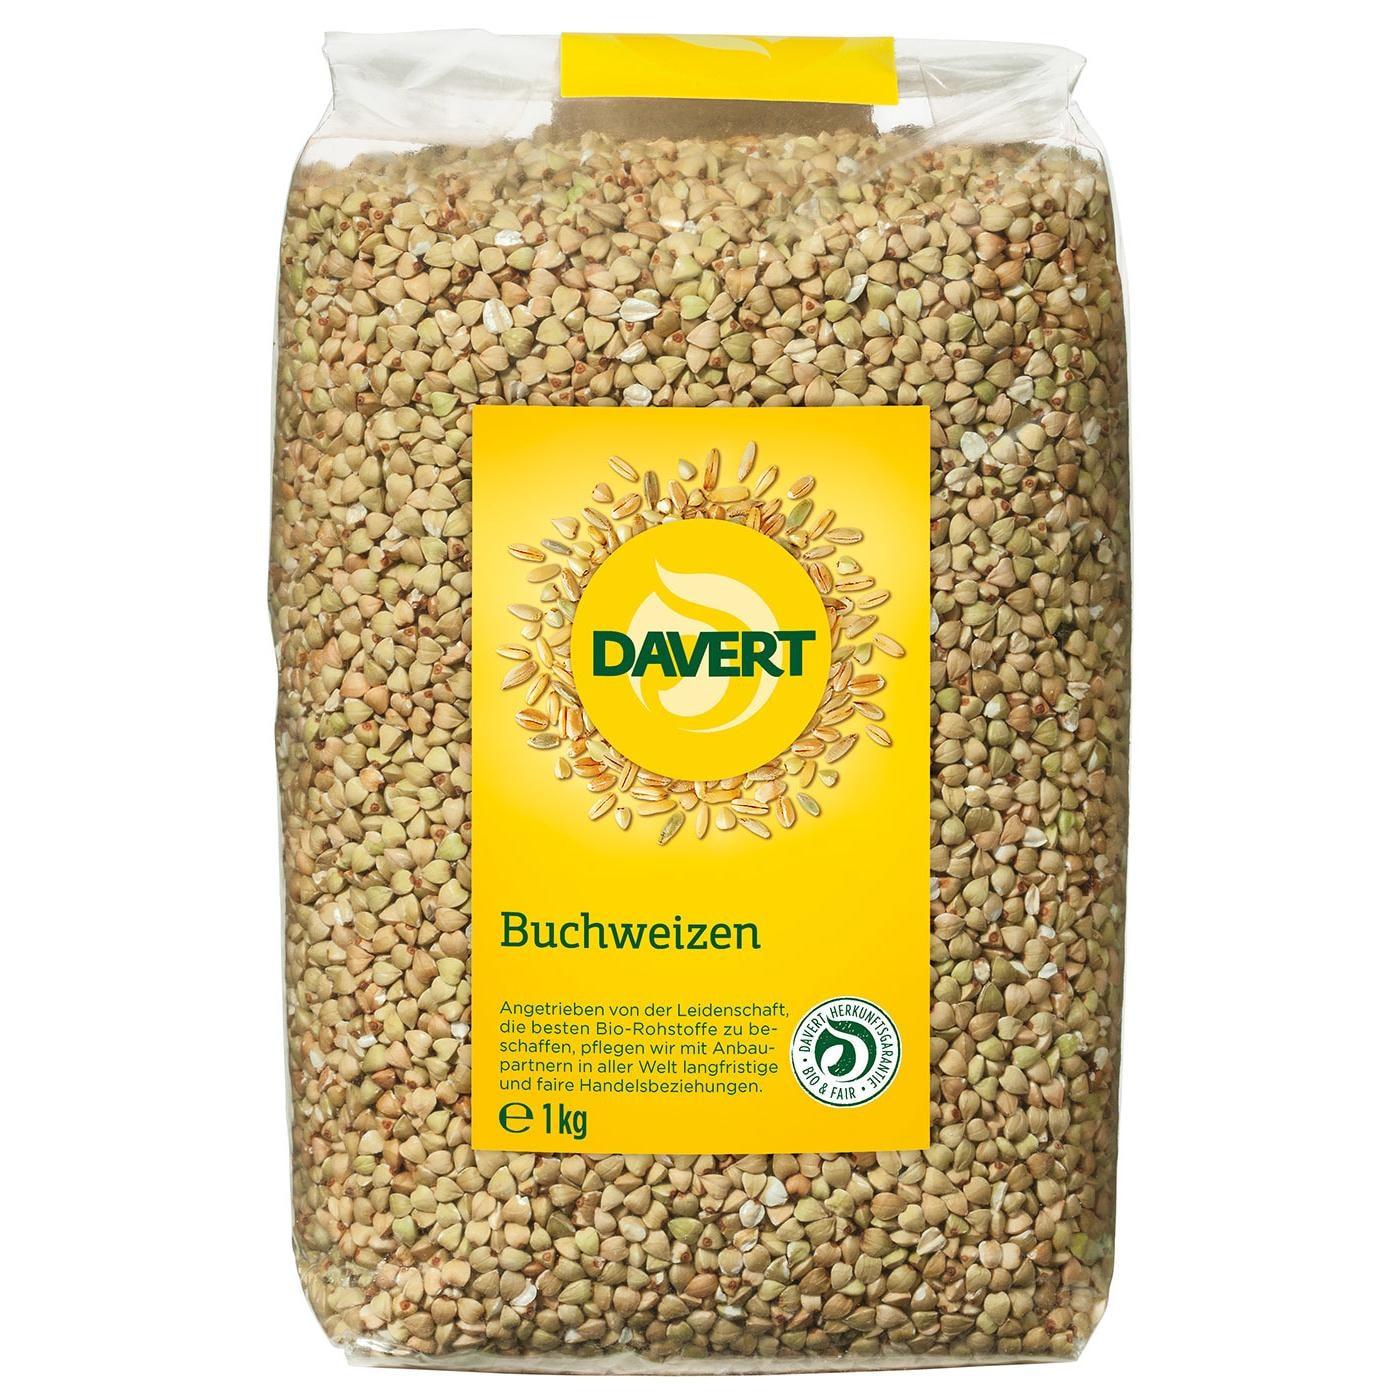 Davert Bio Buchweizen 1kg